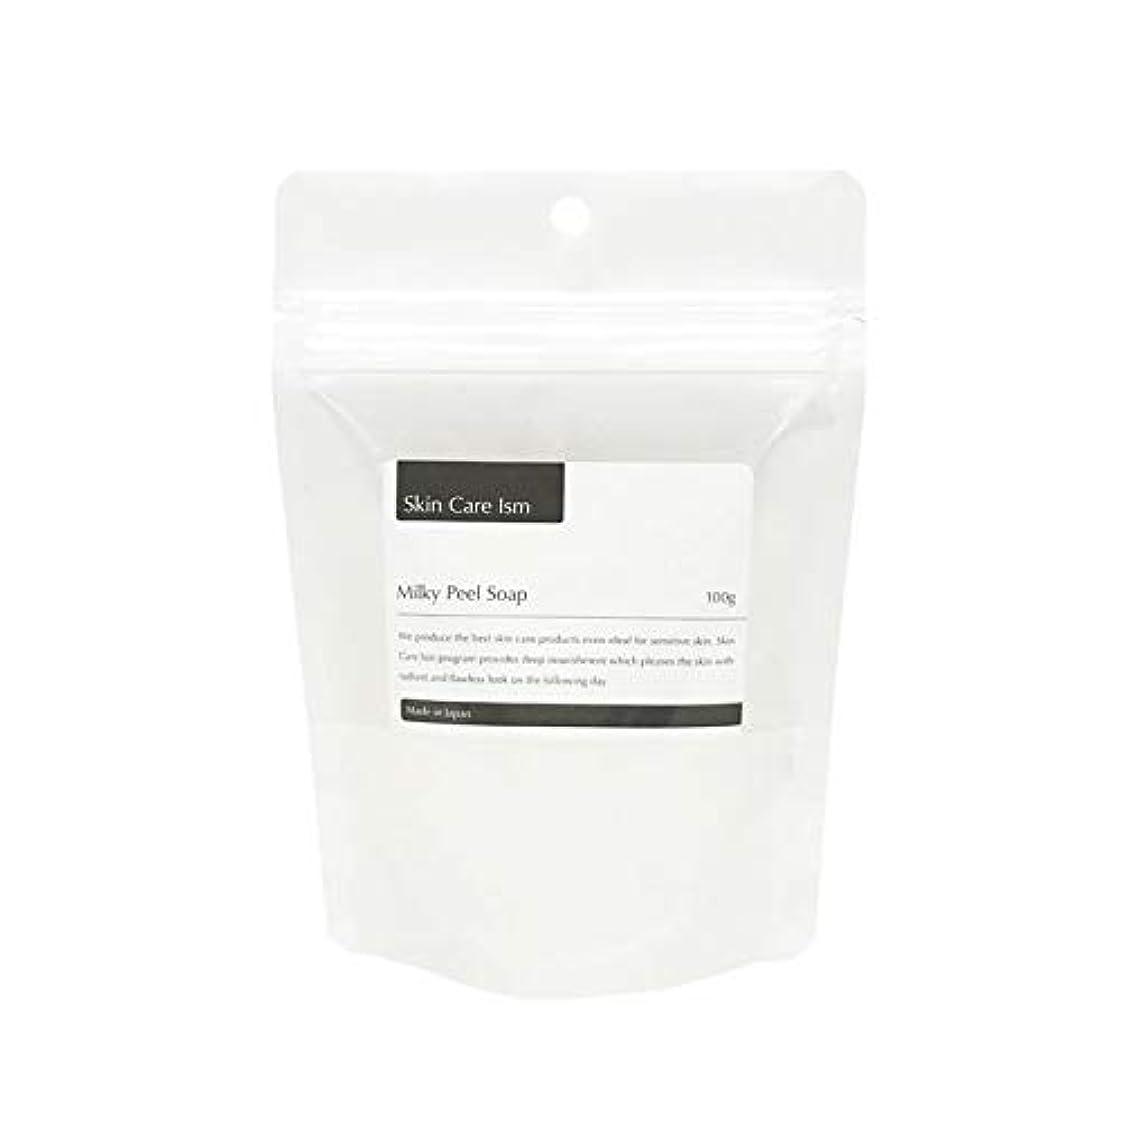 仕事女王彼【Skin Care Ism / Milky Peel Soap】スキンケアイズム?ミルキーピールソープ